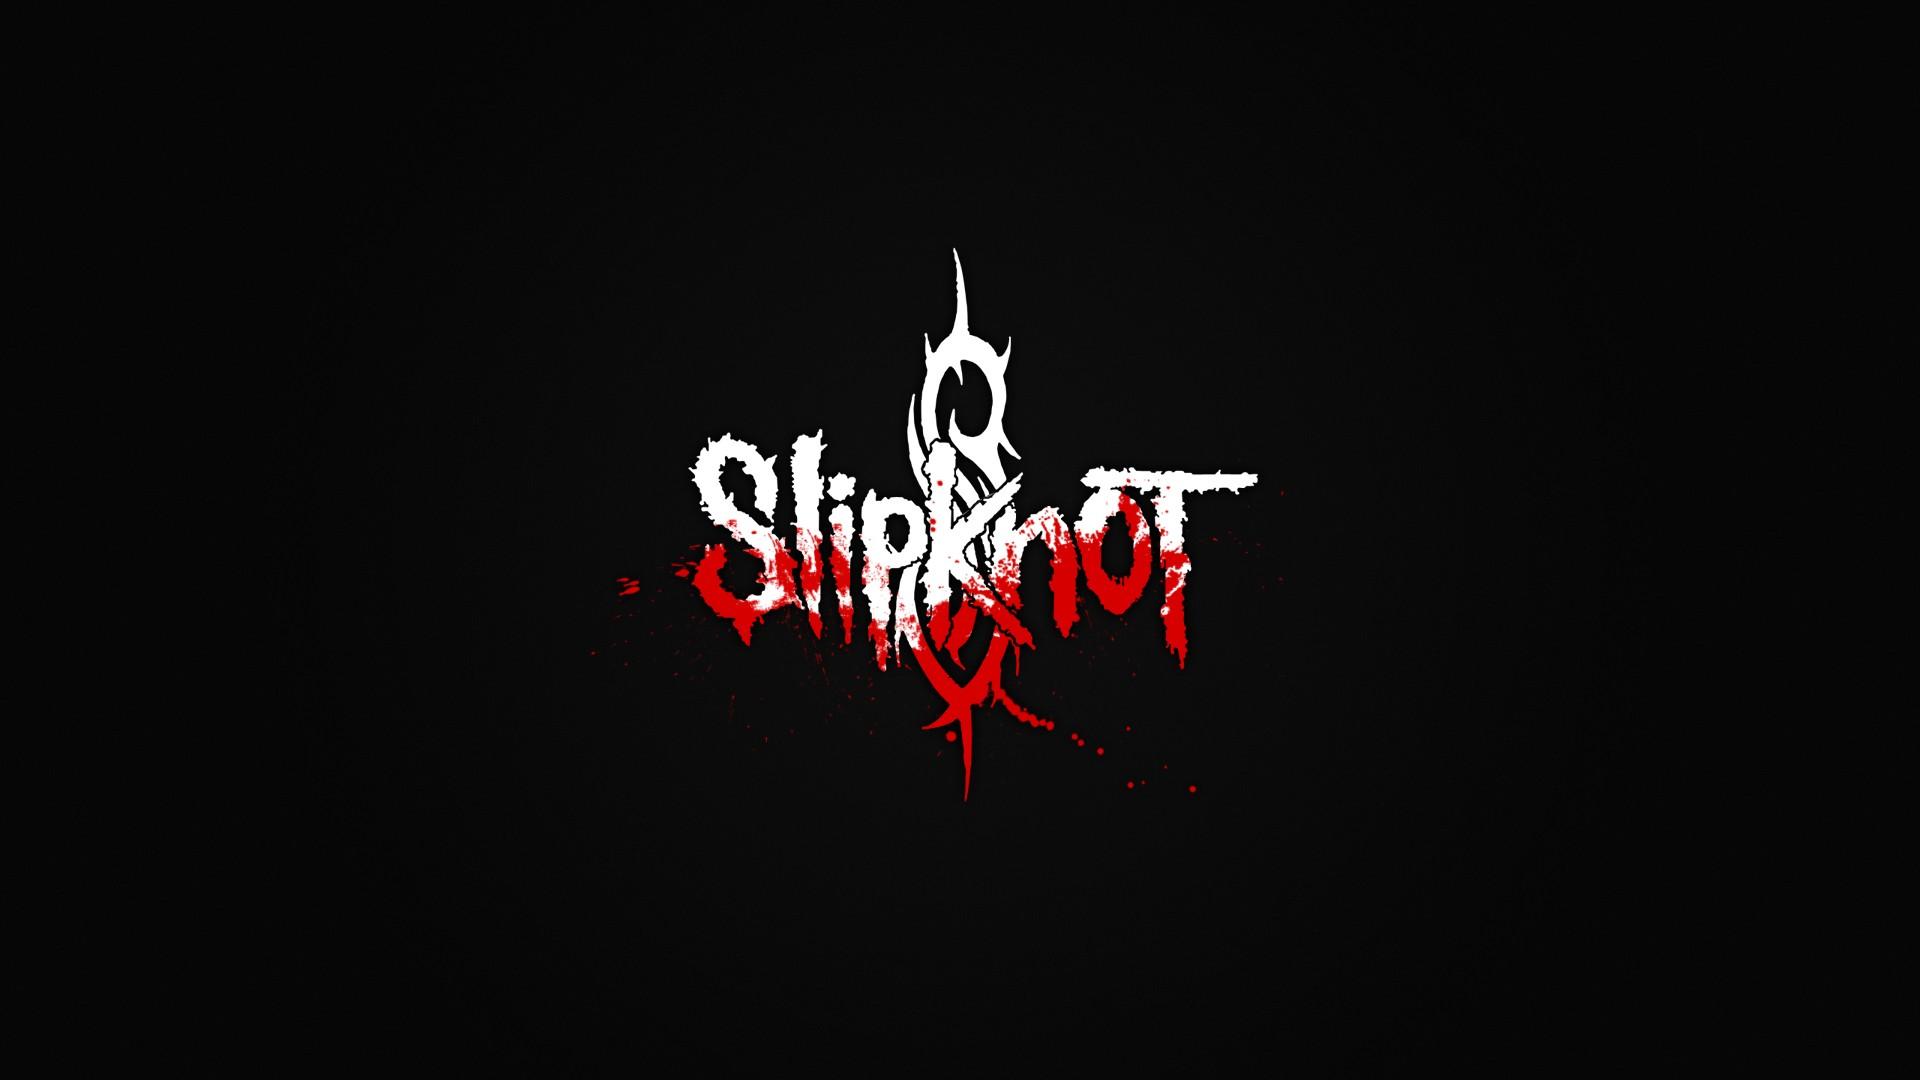 Slipknot wallpaper   798378 1920x1080